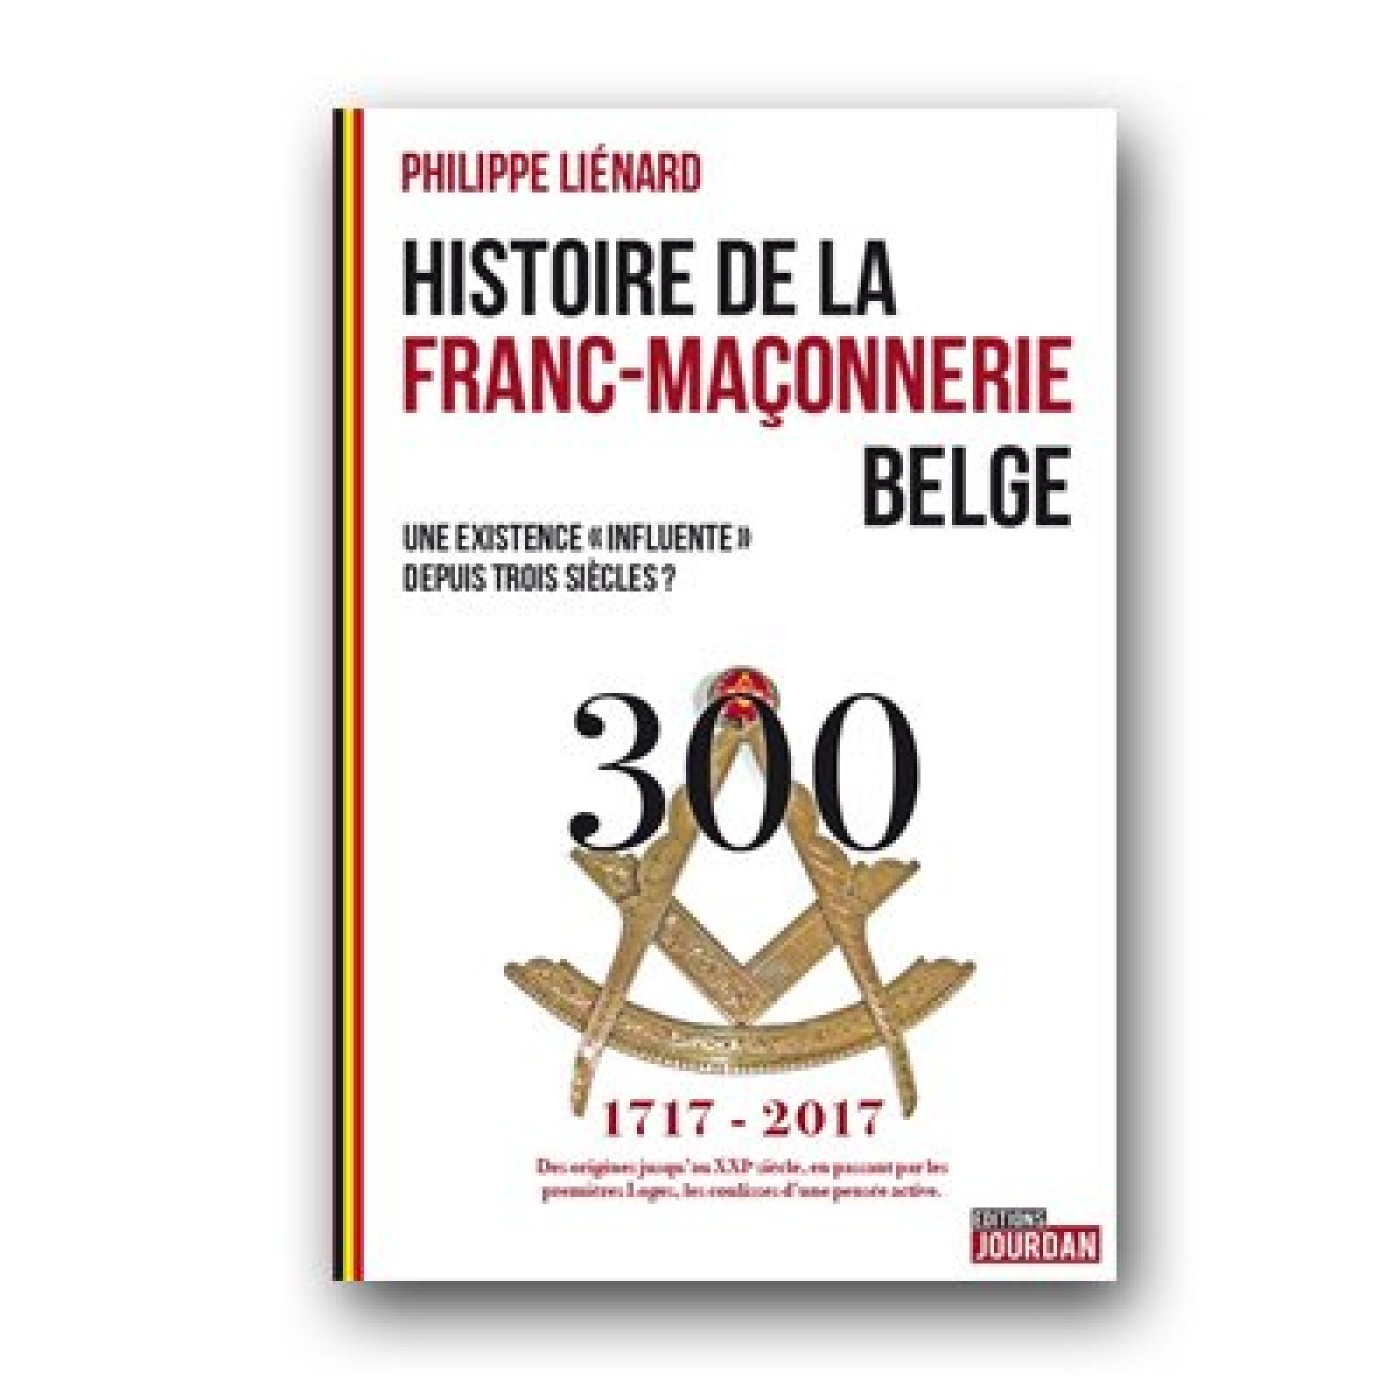 Histoire de la maconnerie belge - Philippe Lienard